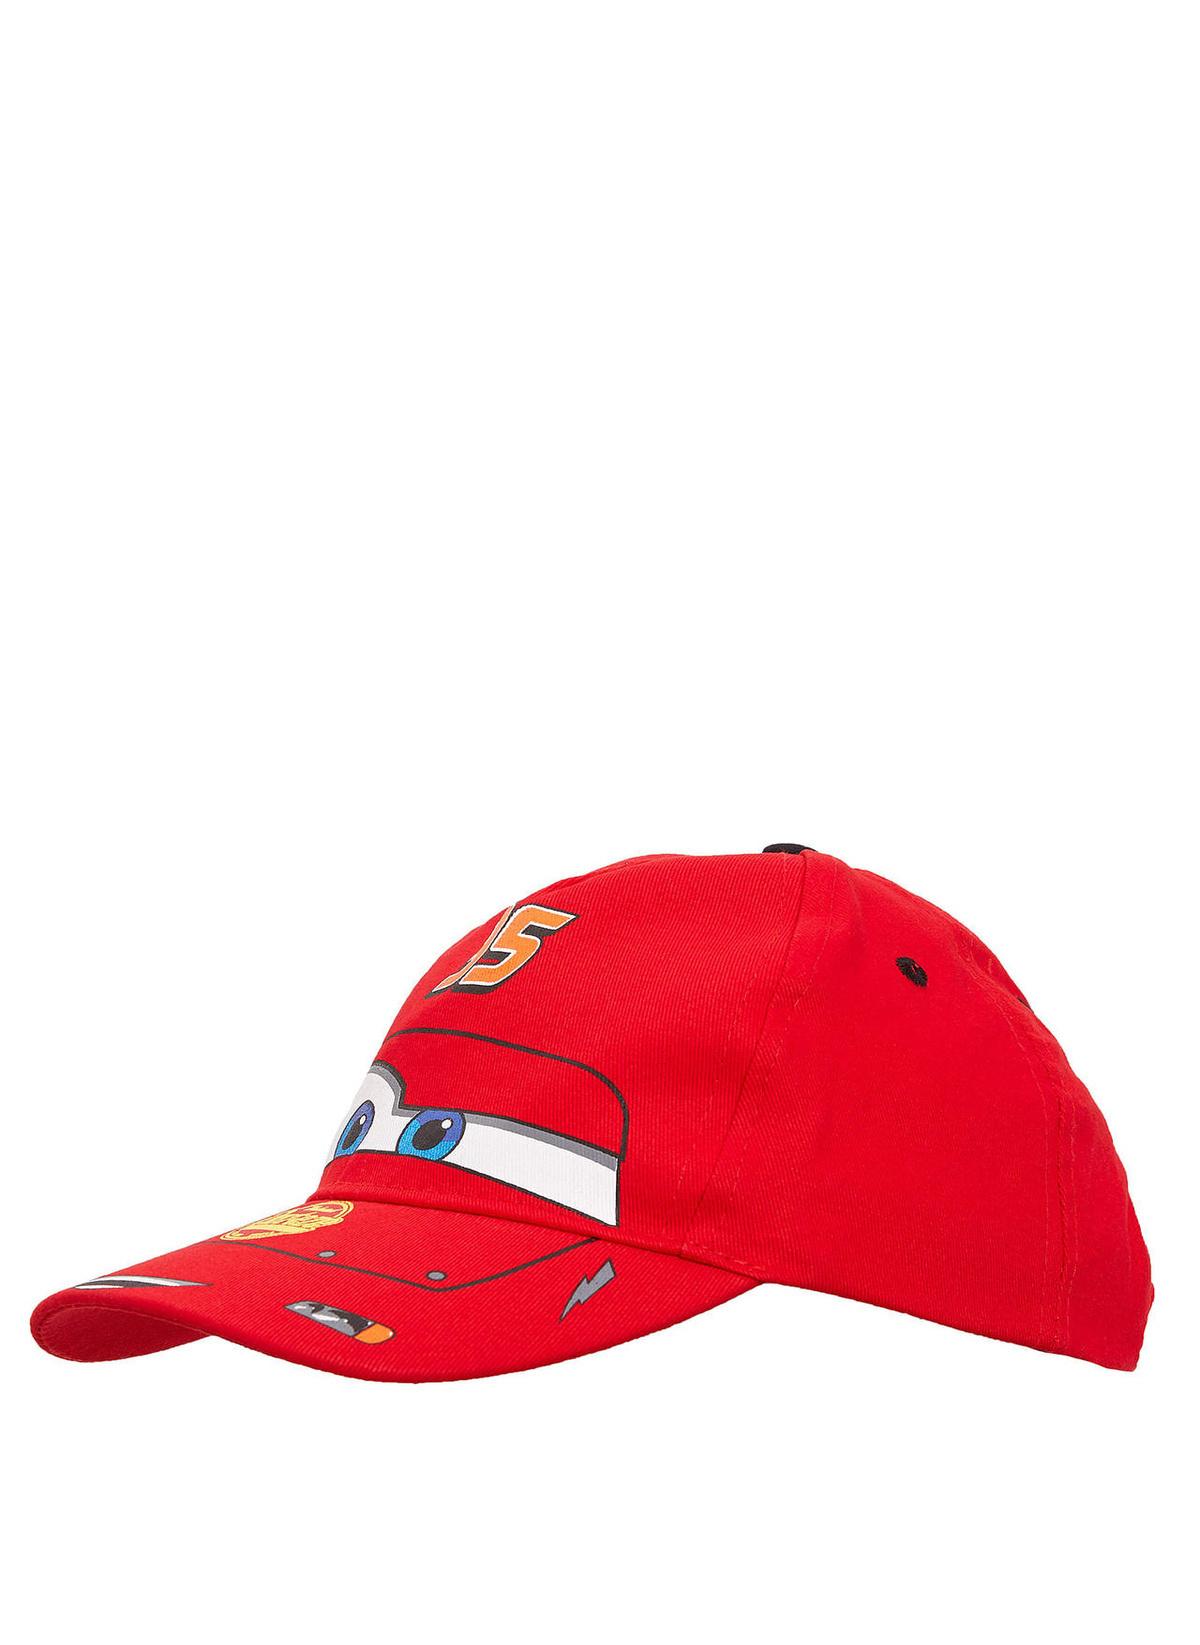 Defacto Şapka K2860a619smrd1 Cars Baskılı Lisanslı Şap – 25.99 TL